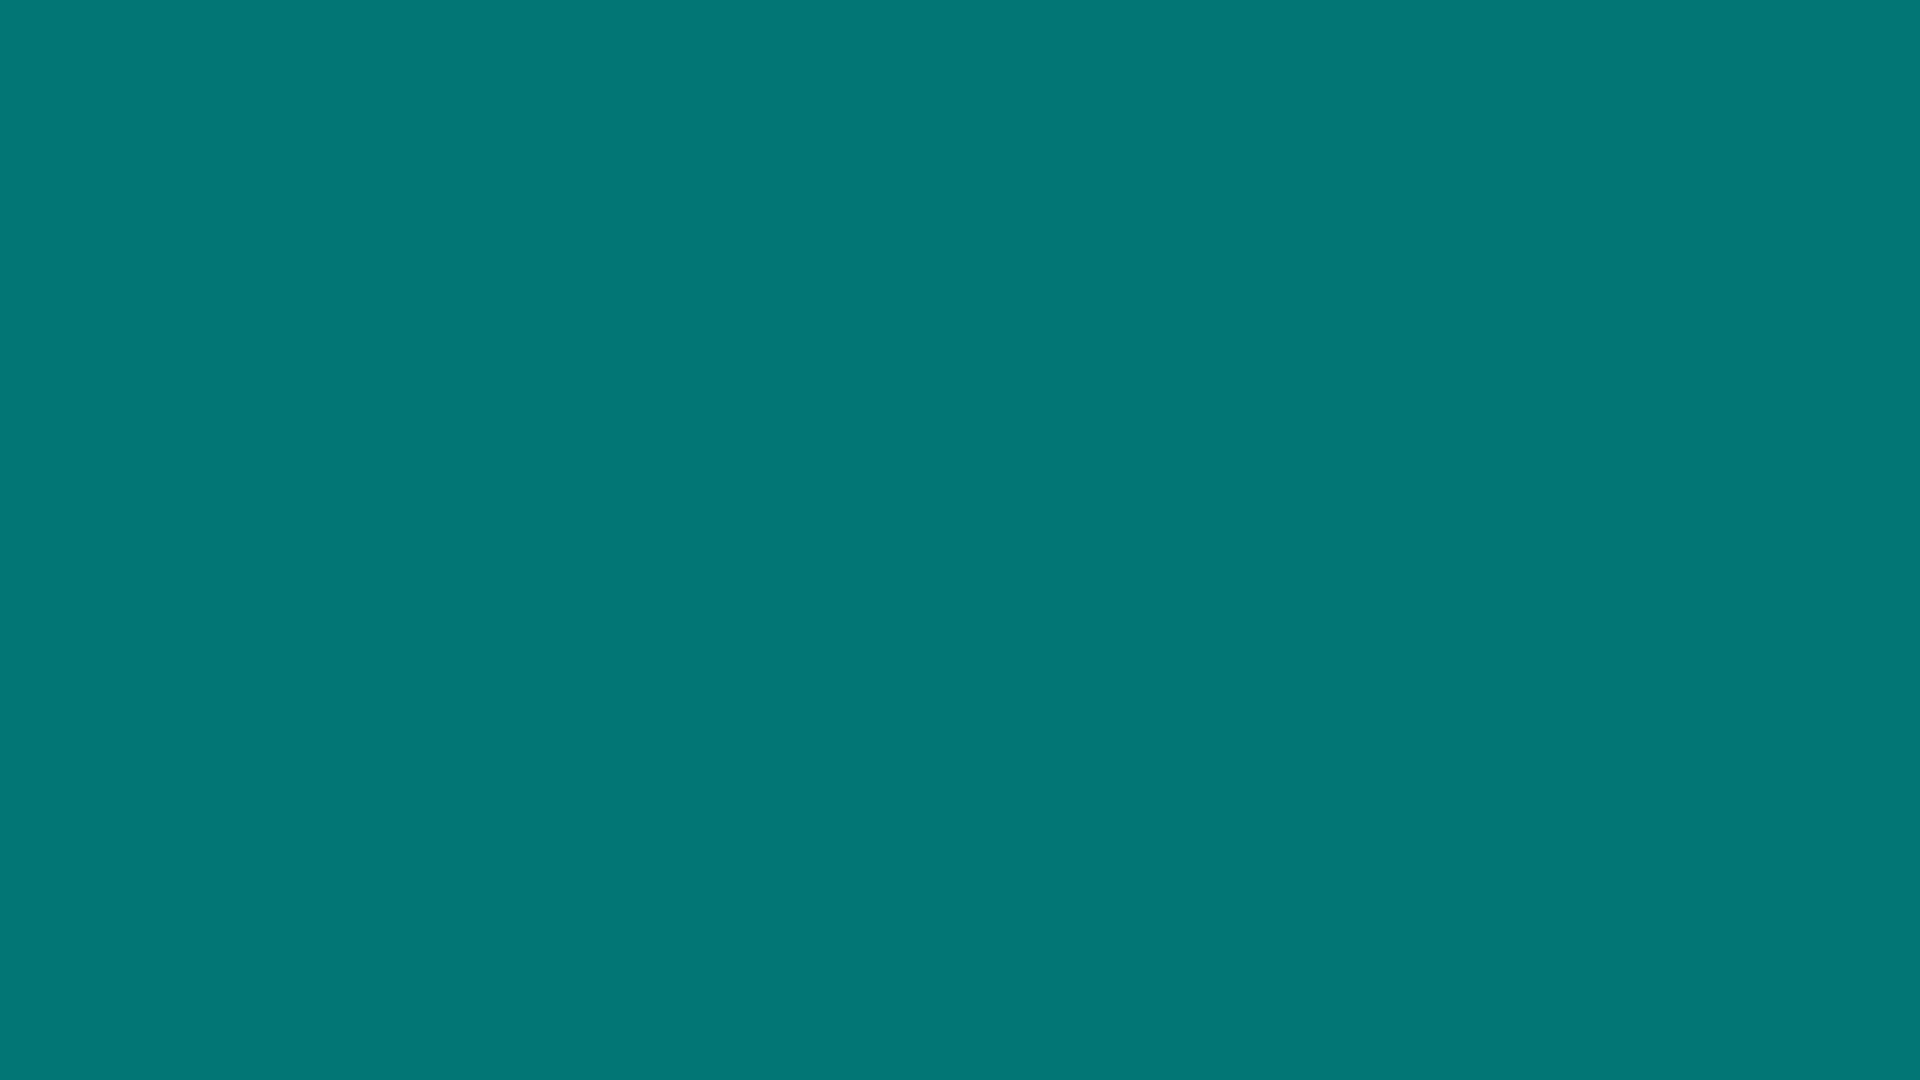 [공지] 아시아연구소 인턴 2기 모집 마감안내